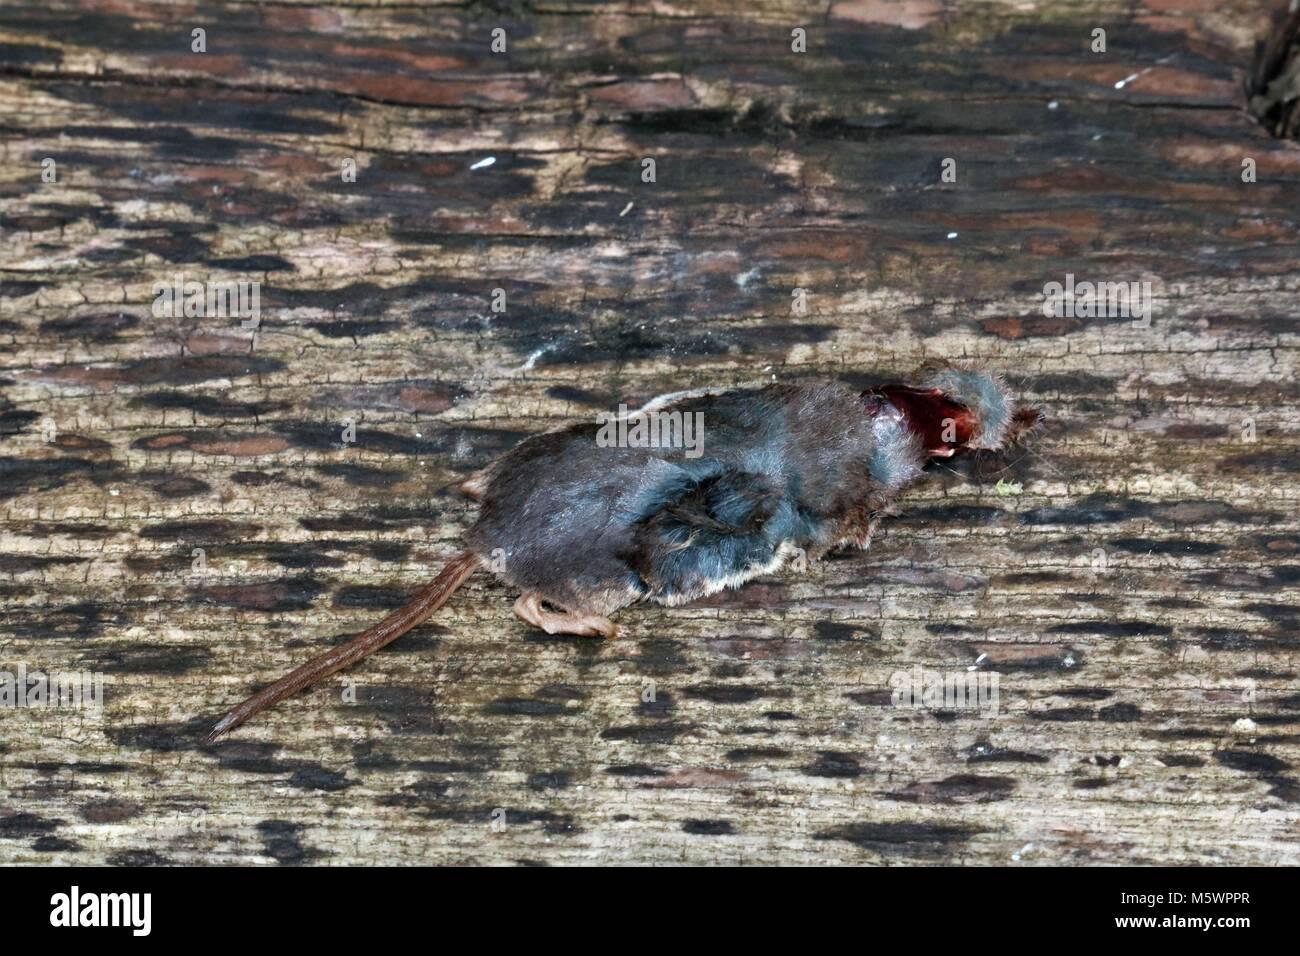 Dead mole sur bois Photo Stock